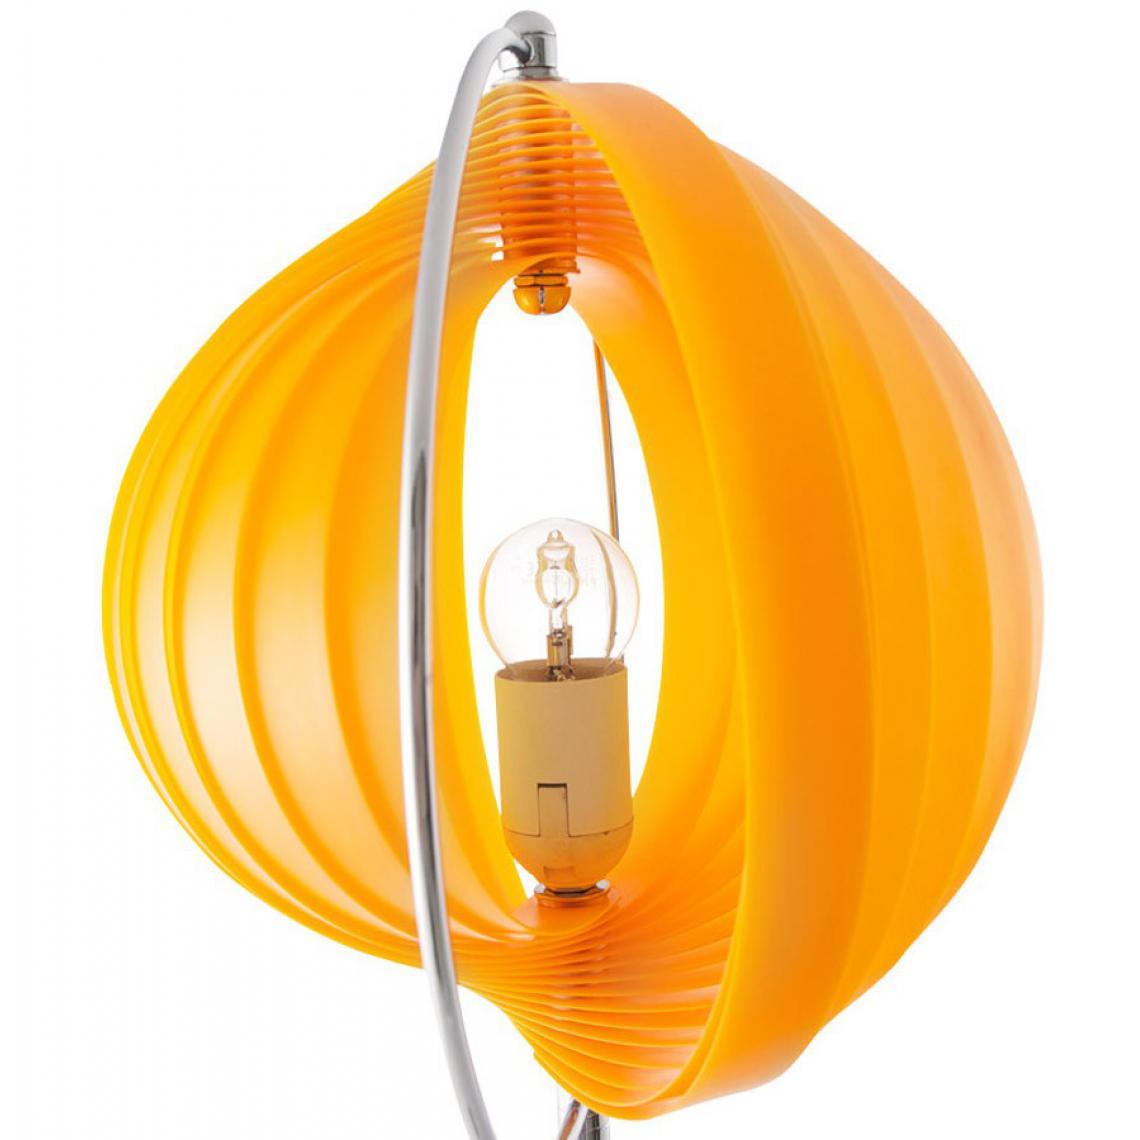 À Suisses Poser Lampe Orange Soleil3 byY7f6g